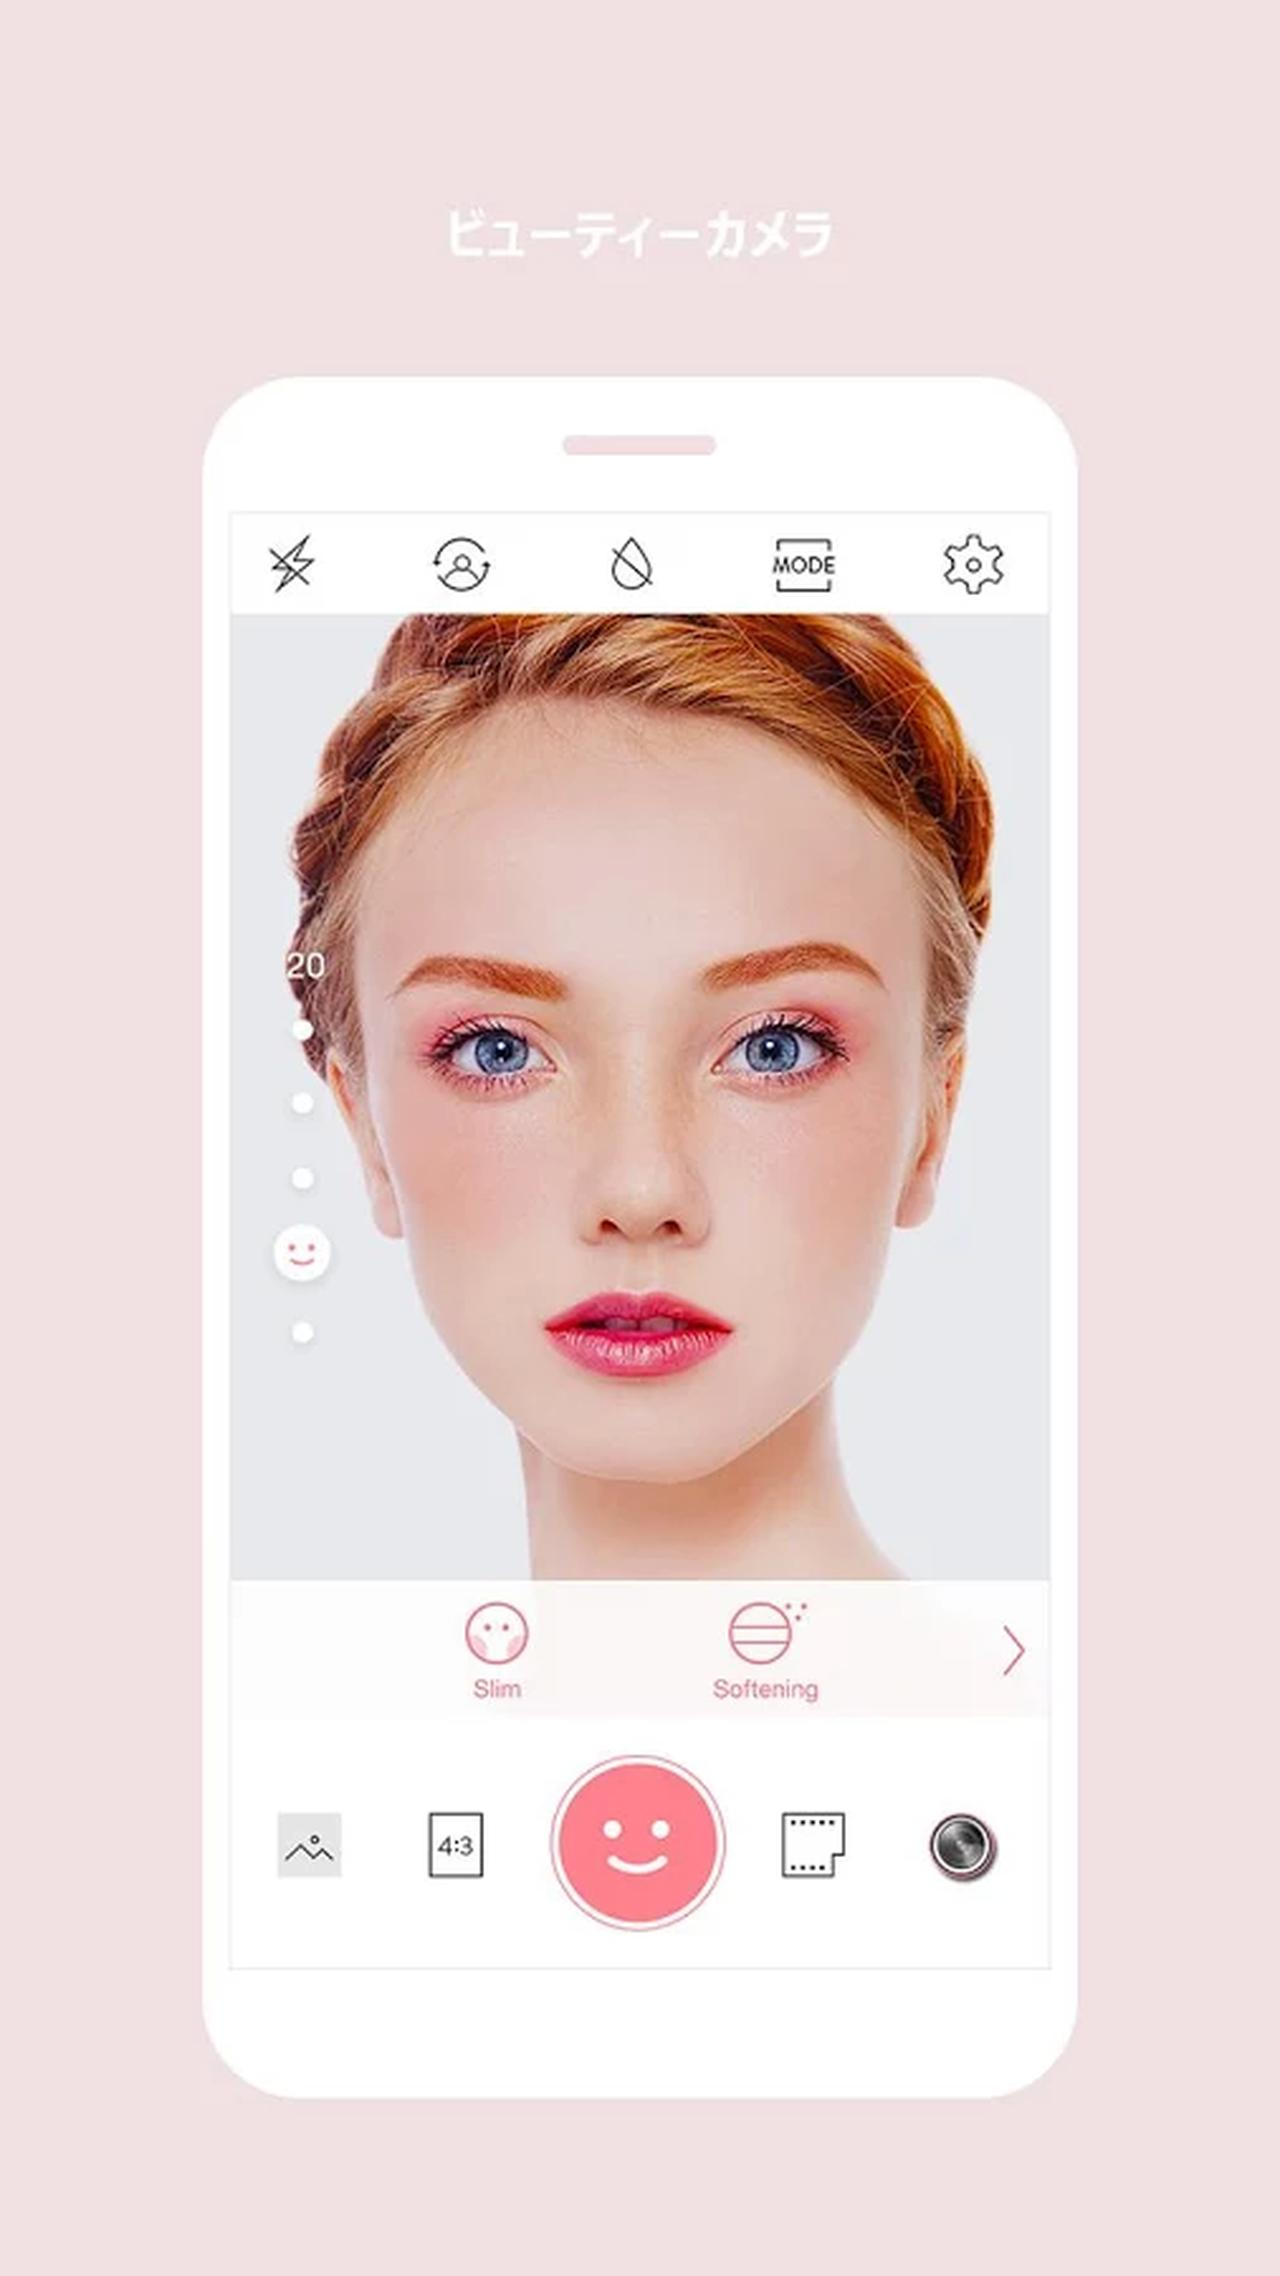 画像: Cymera -写真&ビューティーエディタ - Google Play の Android アプリ